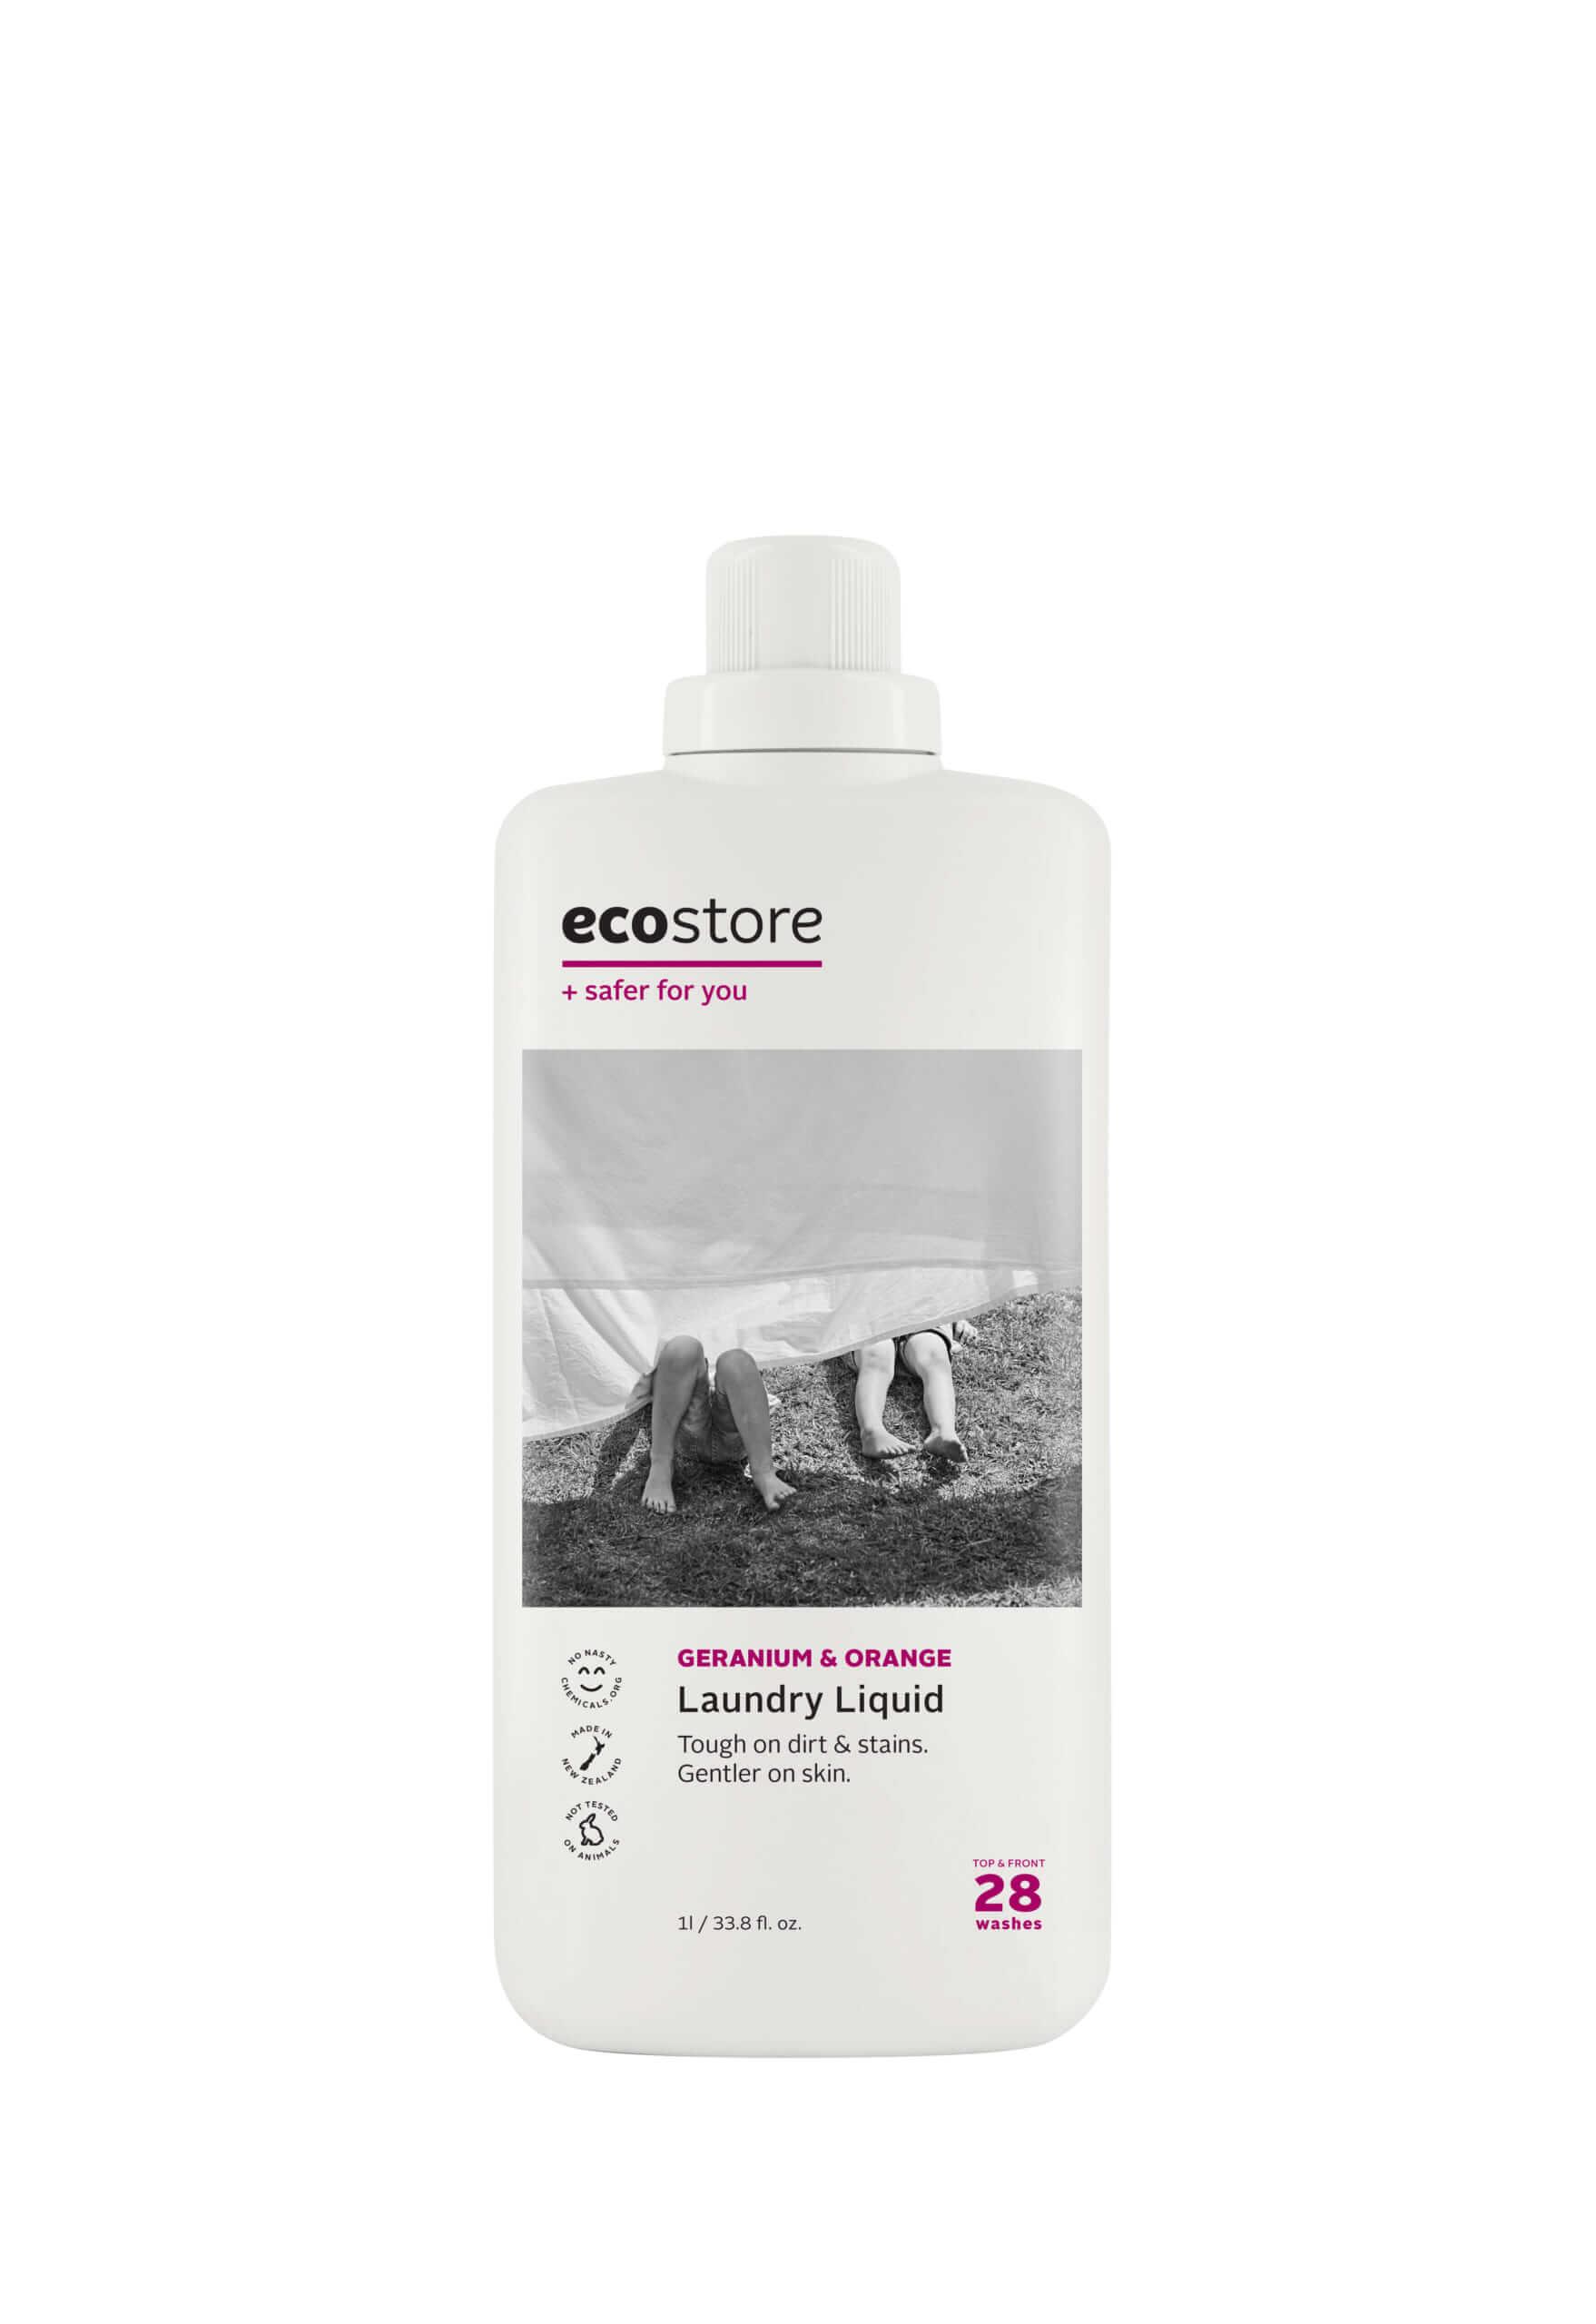 ecostore(エコストア)のランドリーリキッド<ゼラニウム&オレンジ> 500mL/¥748(税込み)、1L/¥1,298(税込み)